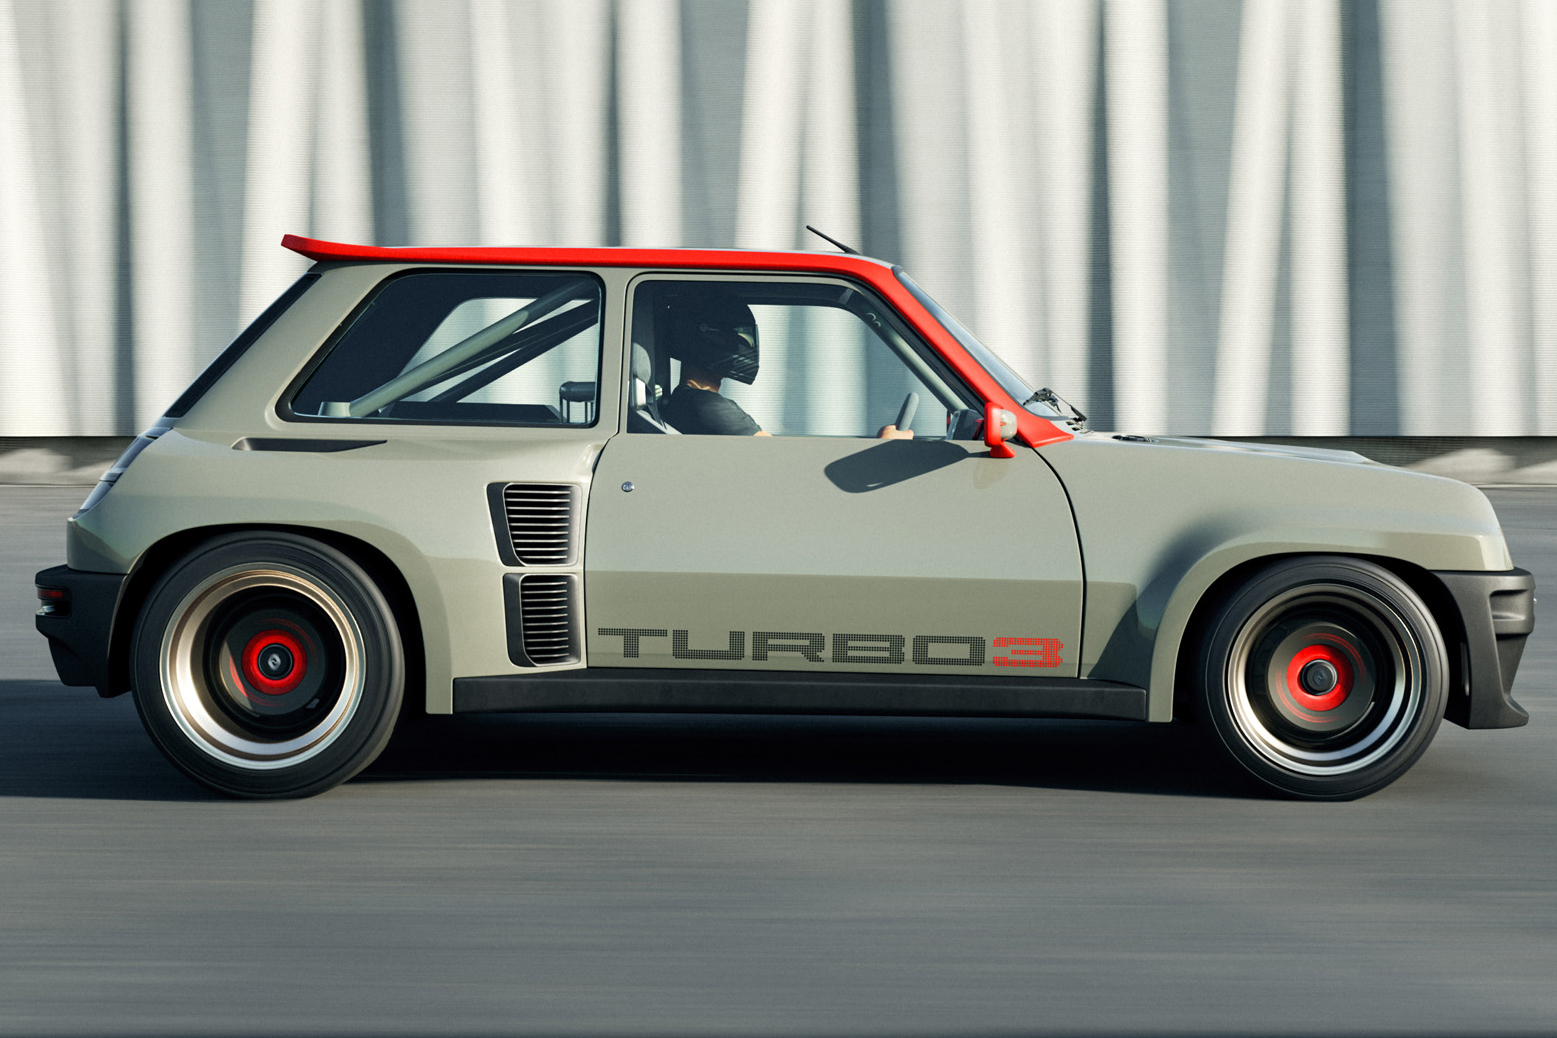 Renault 5 Turbo 3 cinza e laranja visto de lado